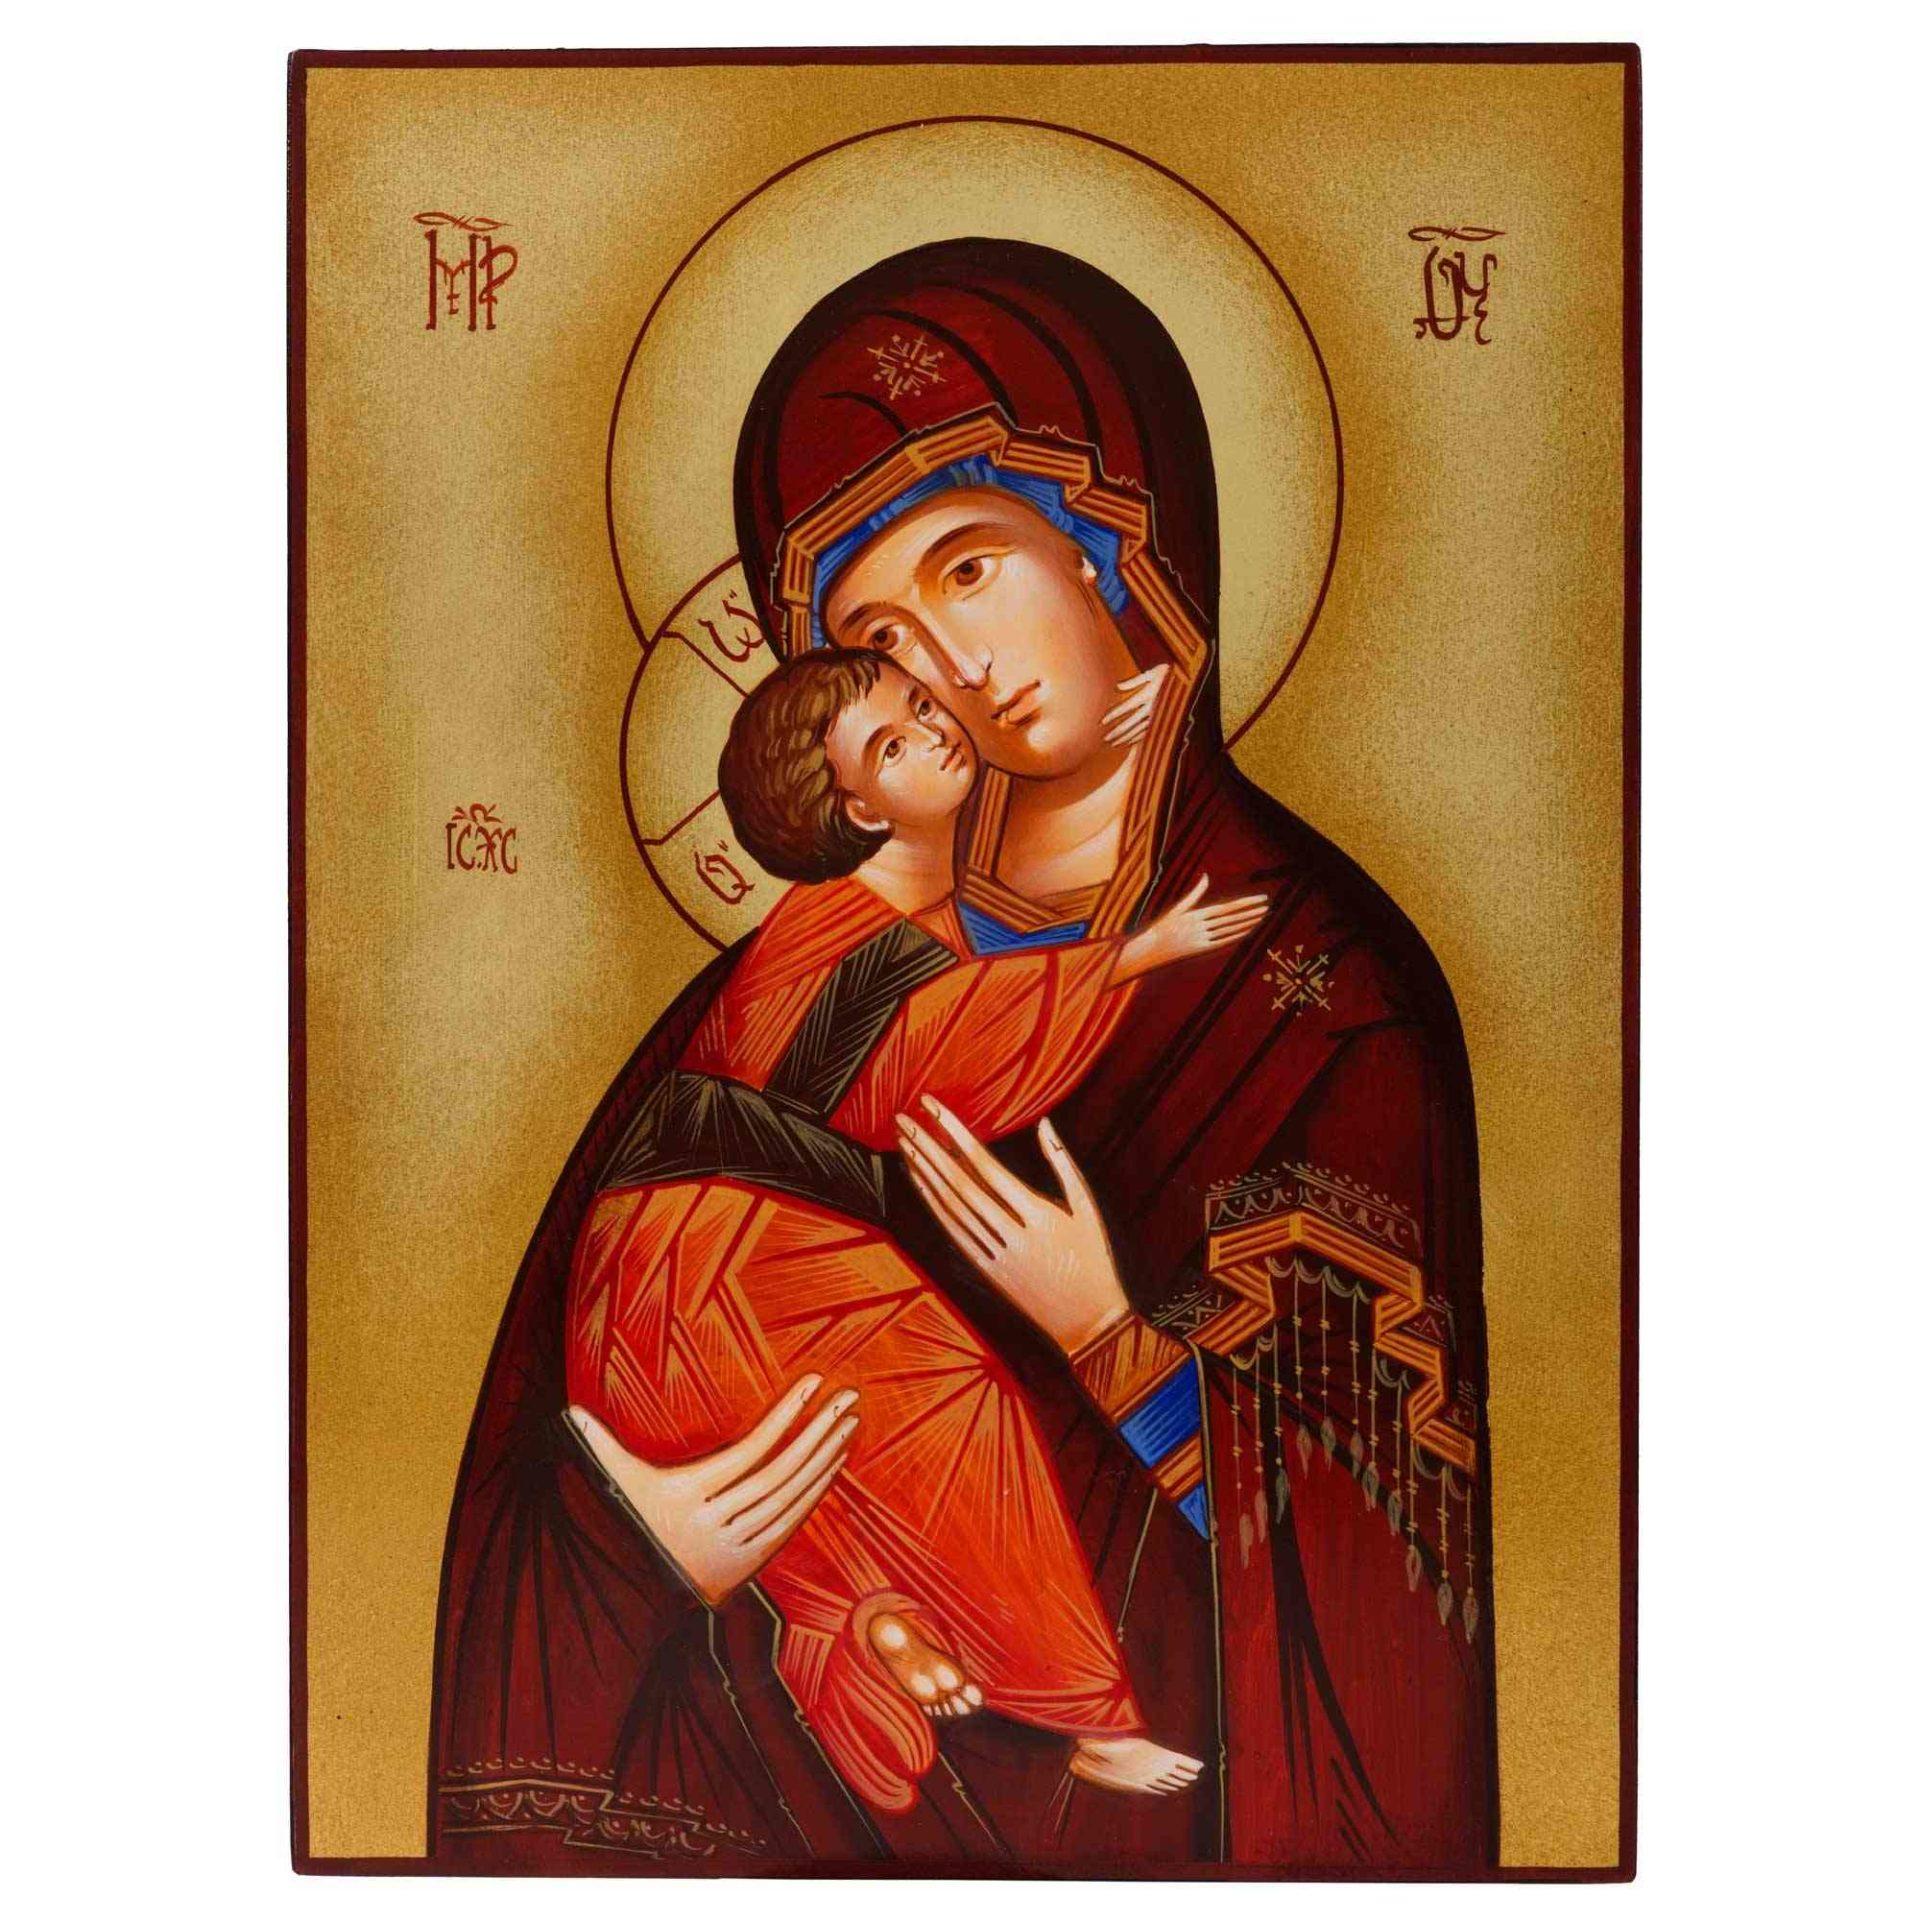 Santa Maria, compagna di viaggio, prega per noi